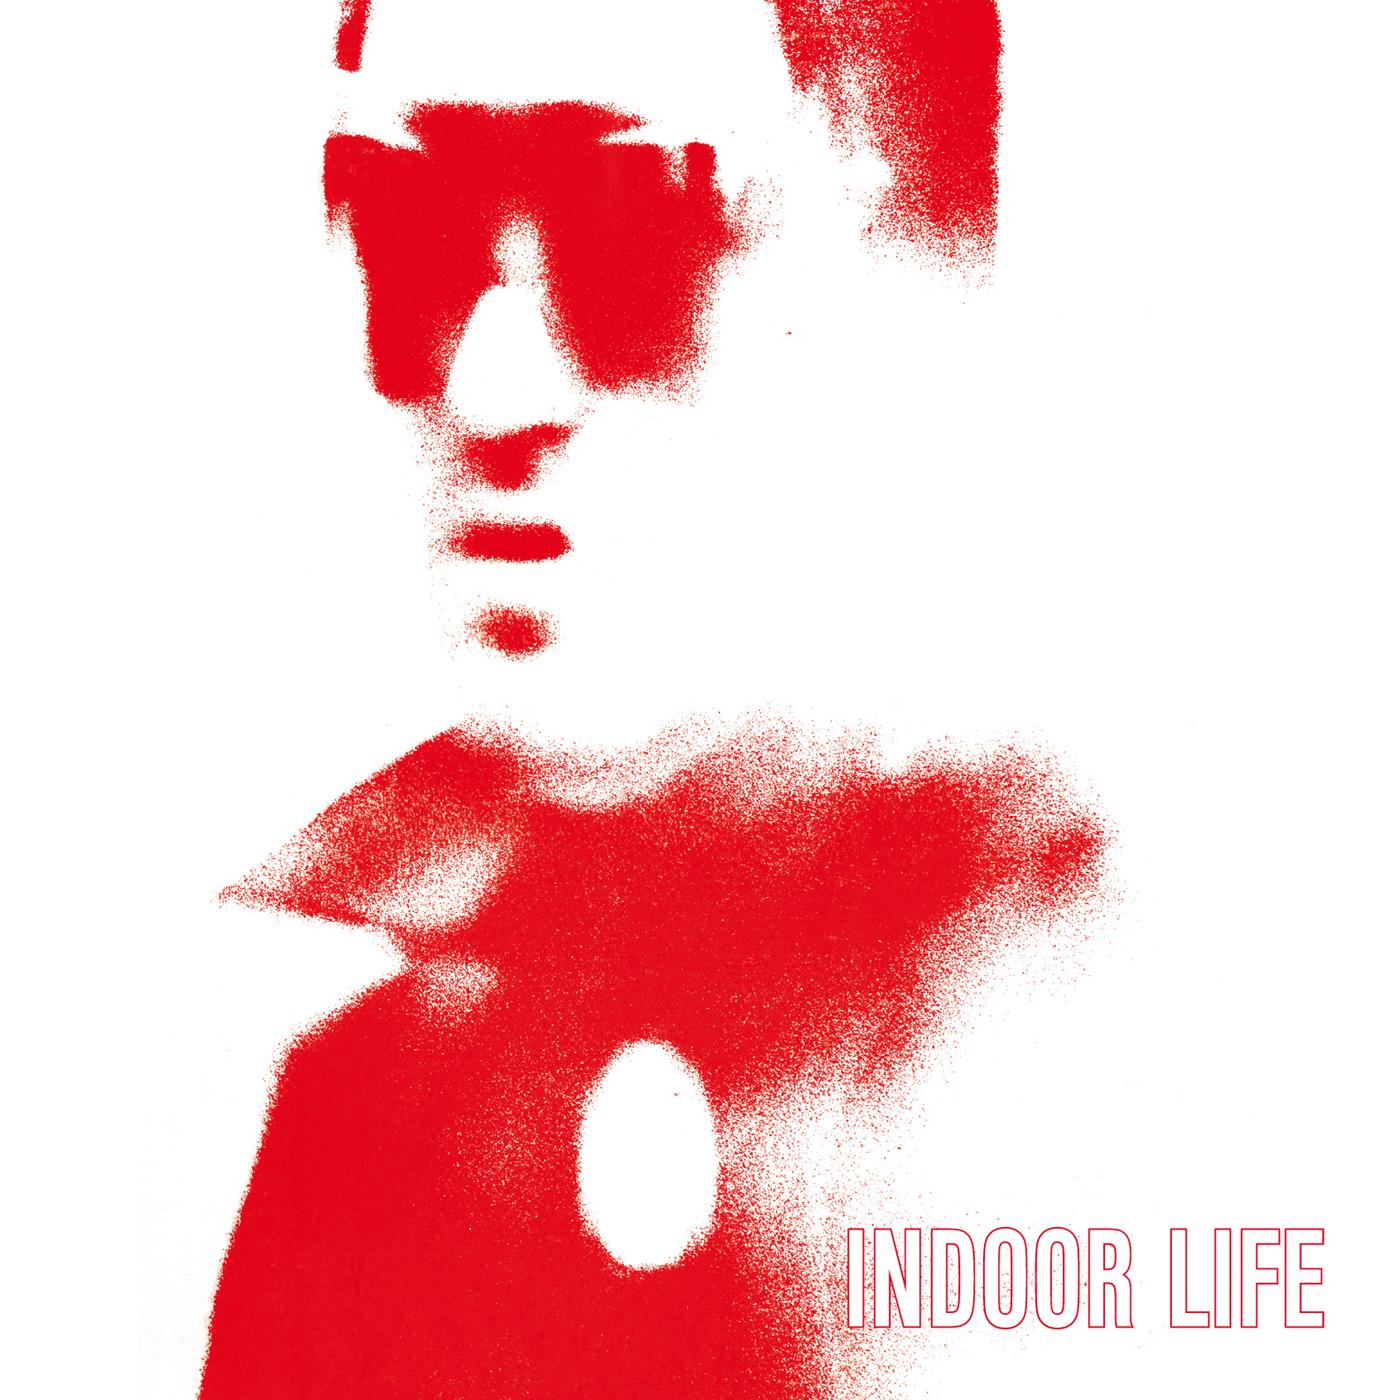 Indoor Life – Compost Records veröffentlicht das Gesamtwerk der US-Kultband